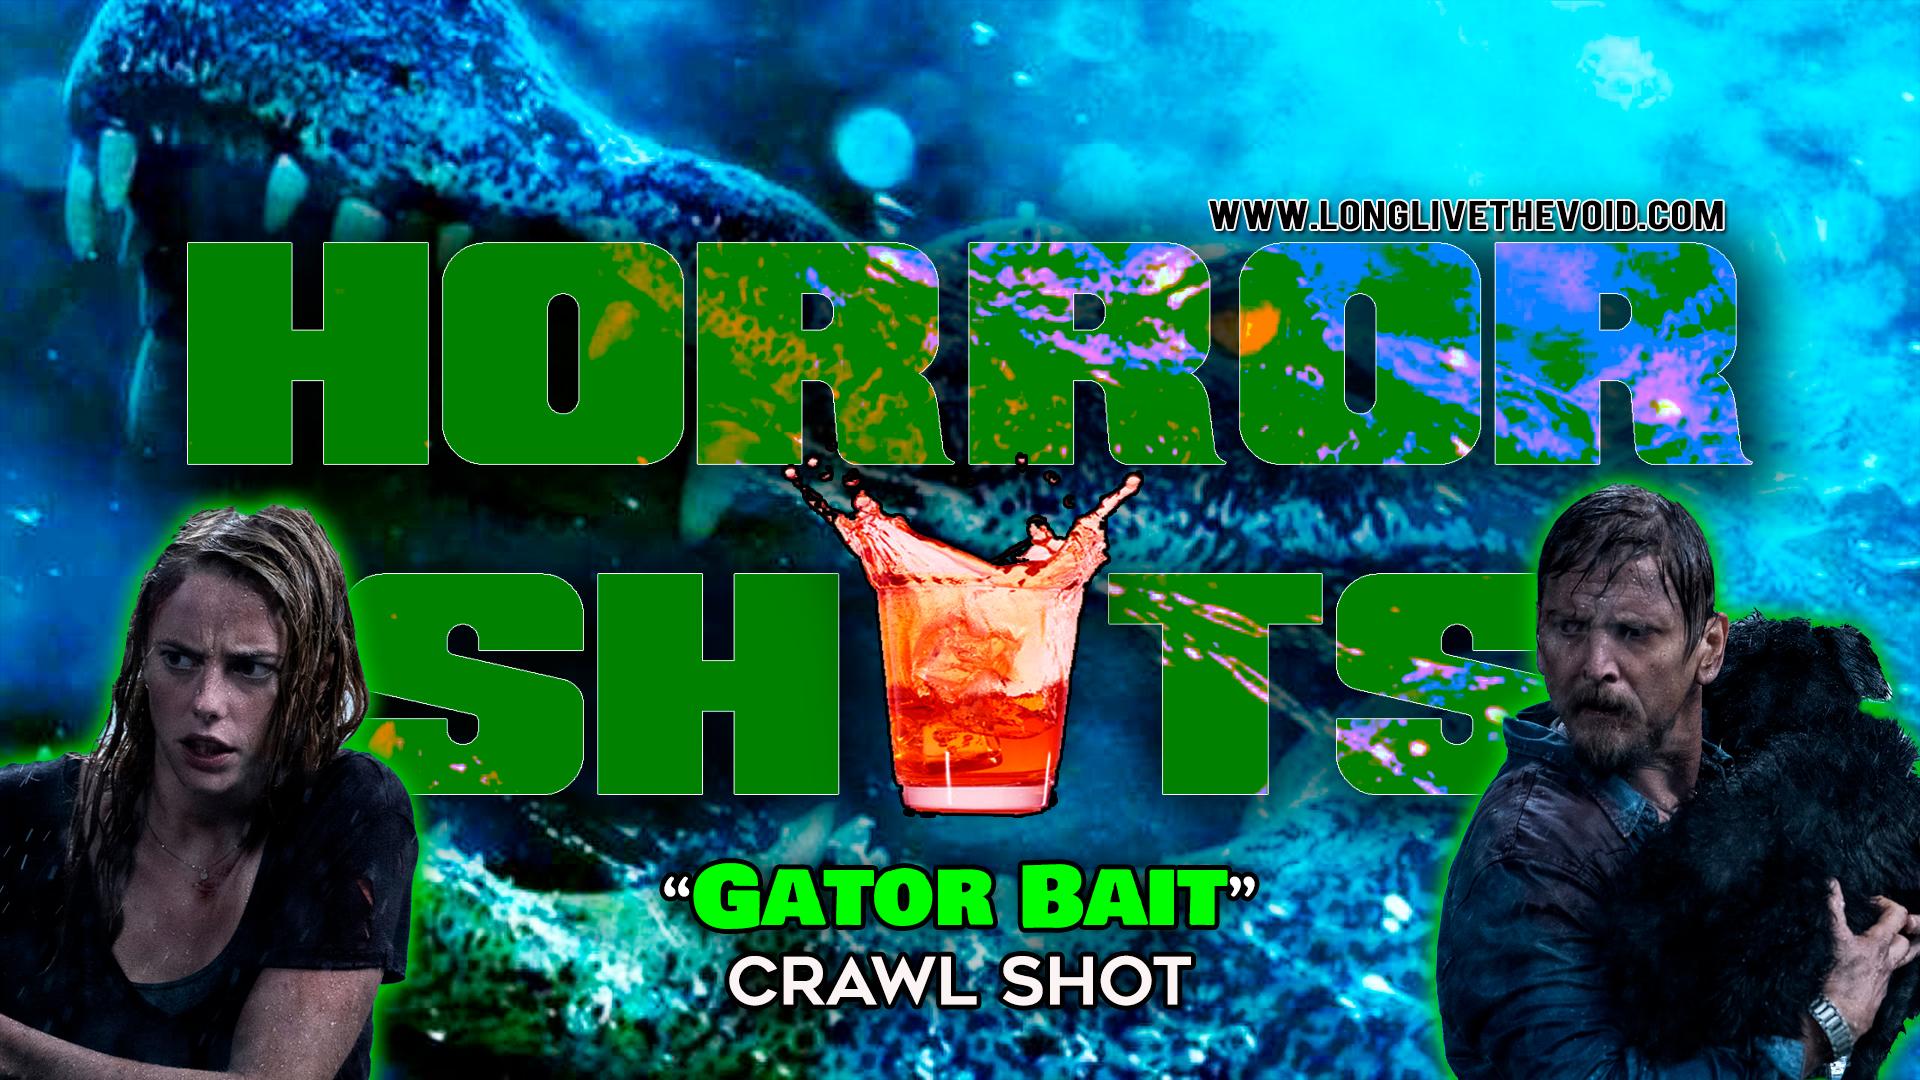 Gator-Bait-shot-Crawl-(2019).jpg